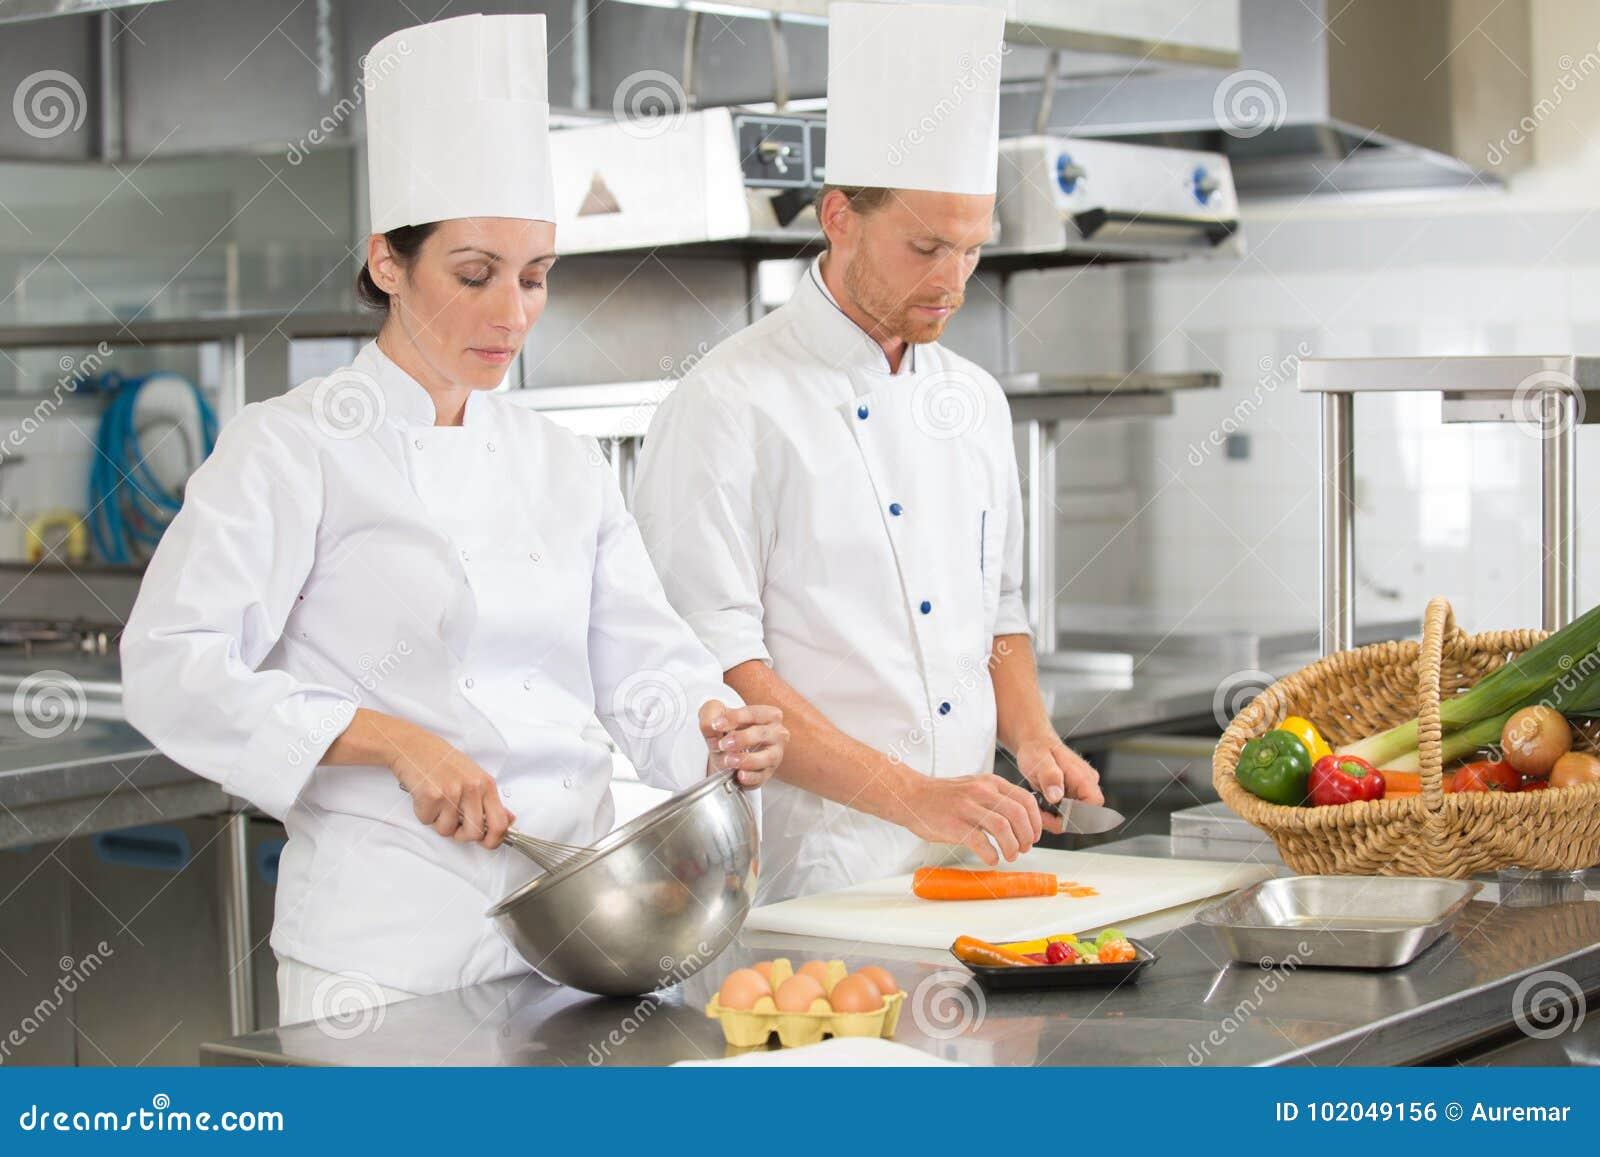 Colega de enseñanza del cocinero cómo cortar verduras en cocina